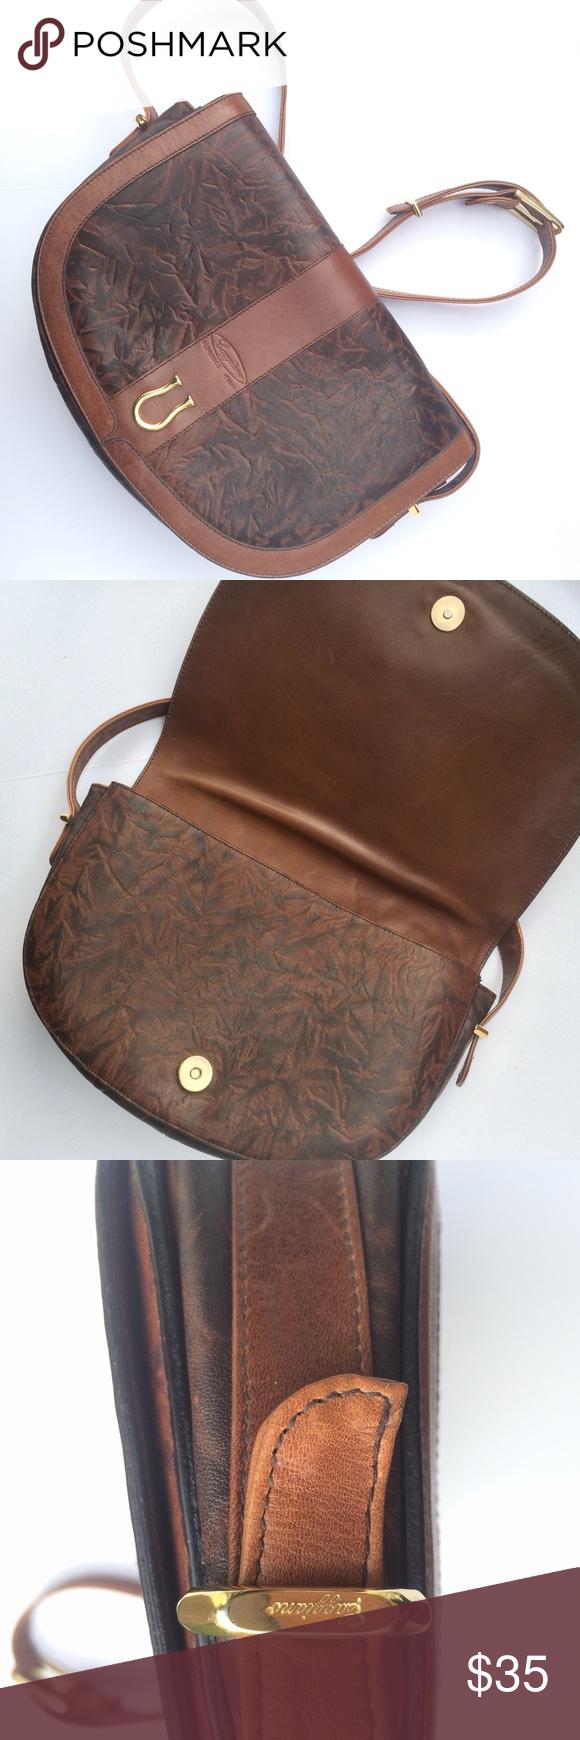 Handbag Purse Caggiano Vintage